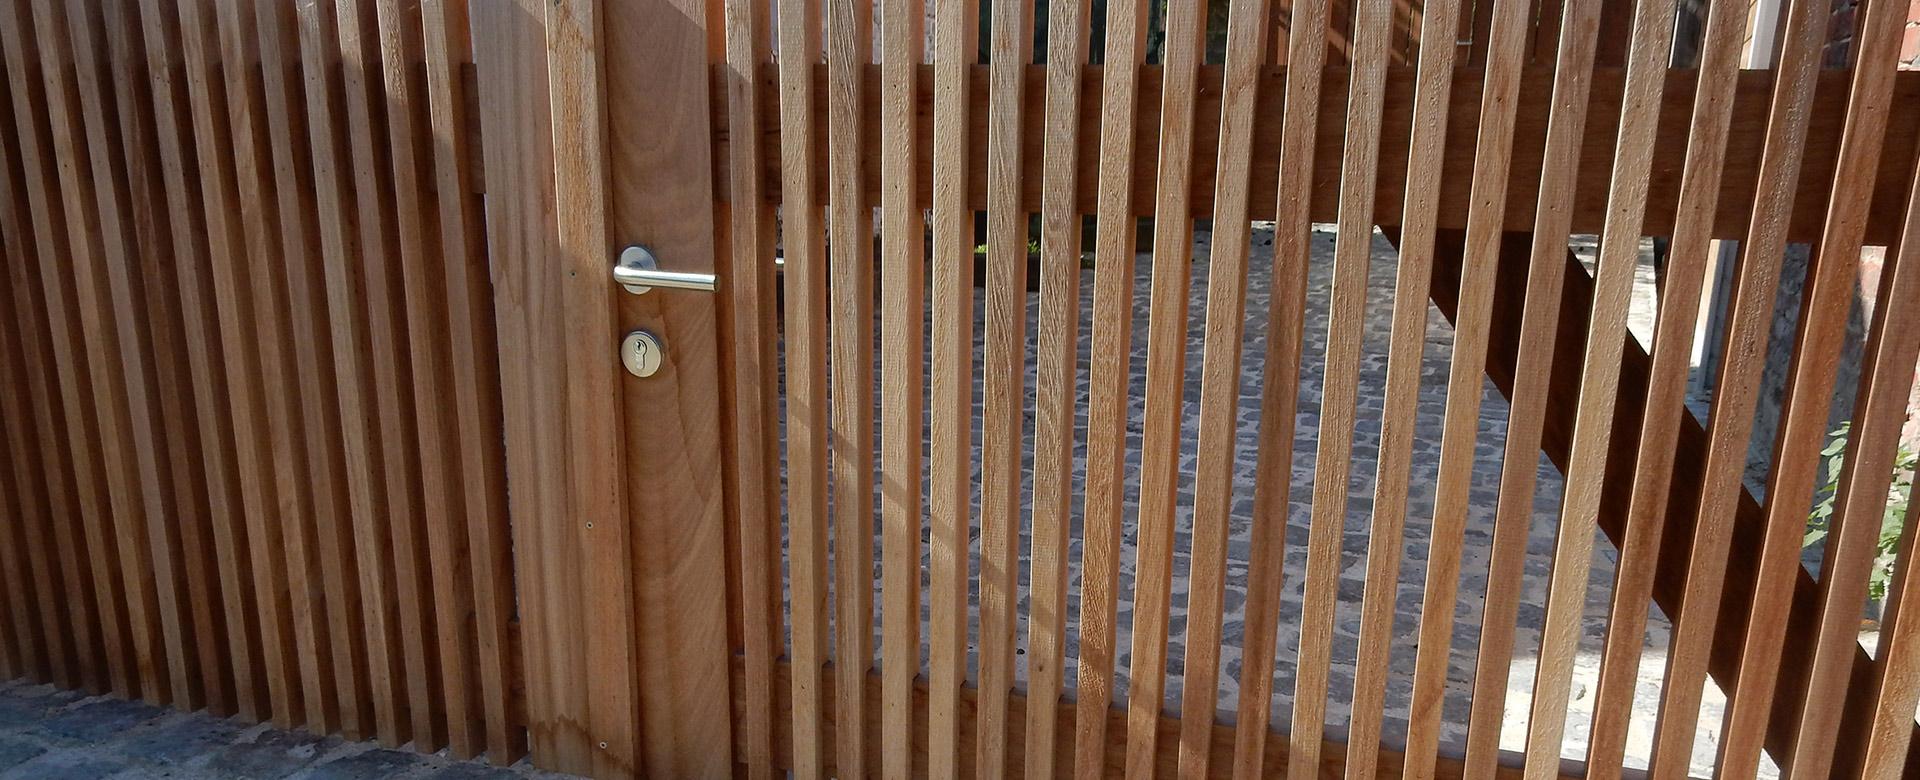 Tuinaanleg hoornaert afsluitingen draadafsluitingen groenblijvende hagen natuurlijke - Latwerk houten ...